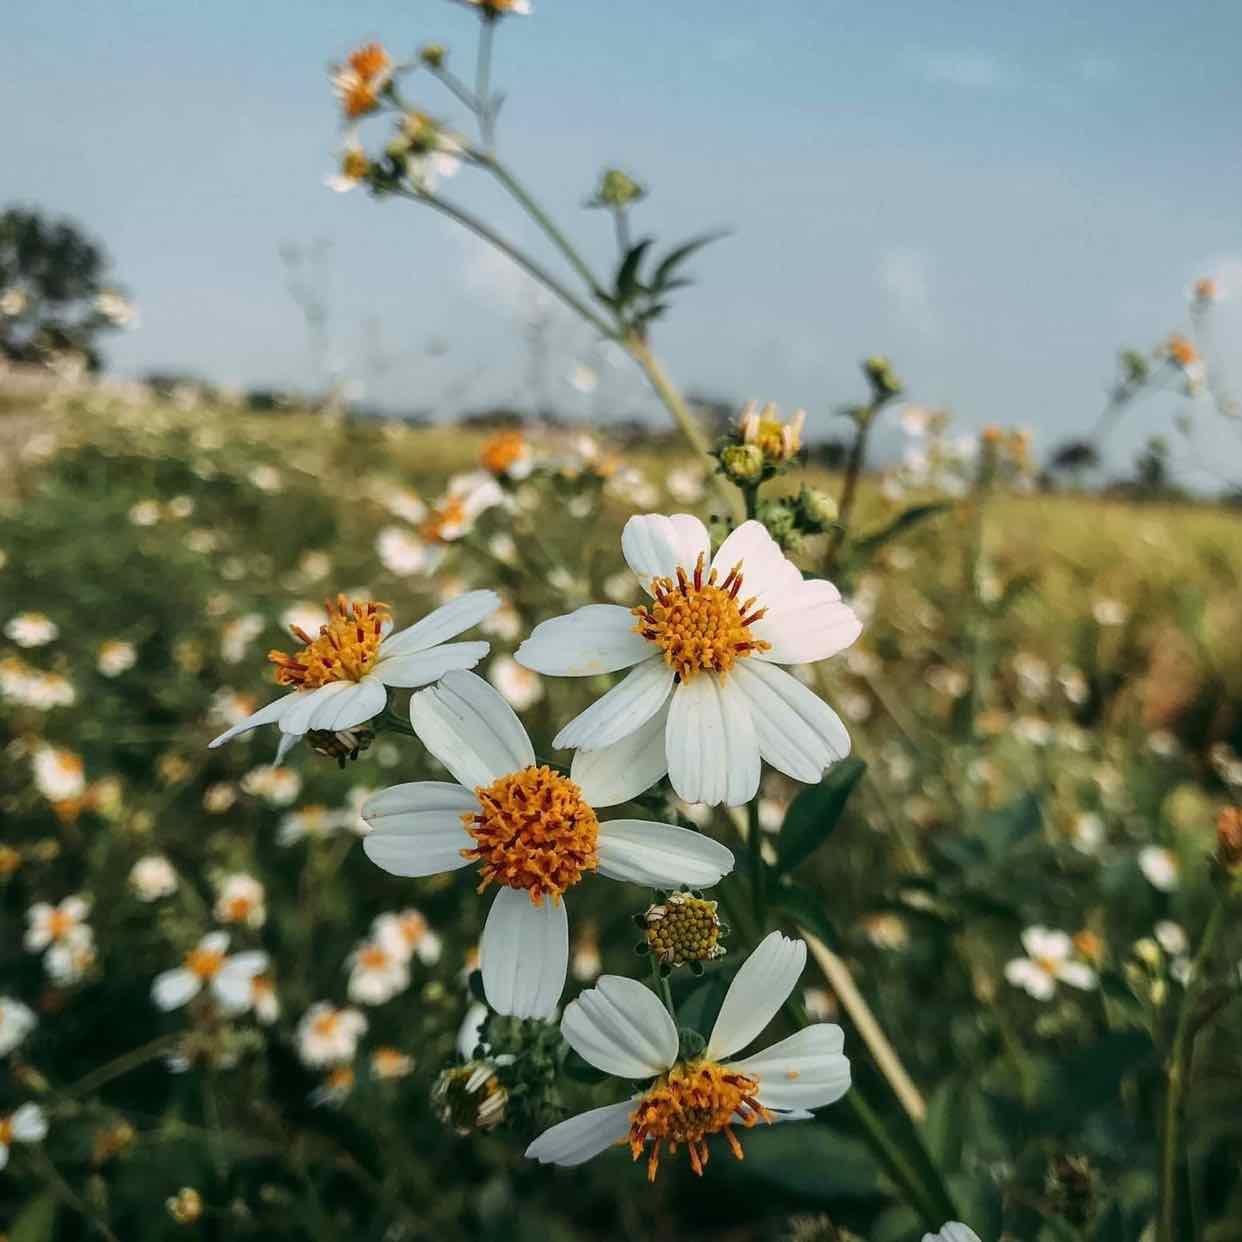 Xuân Ký - Xuyến chi loài hoa dại Mang trong mình sức sống phi thường Em là loài hoa đồng quê Cánh nhỏ xinh, chen nhuỵ sắc vàng Dịu dàng e ấp